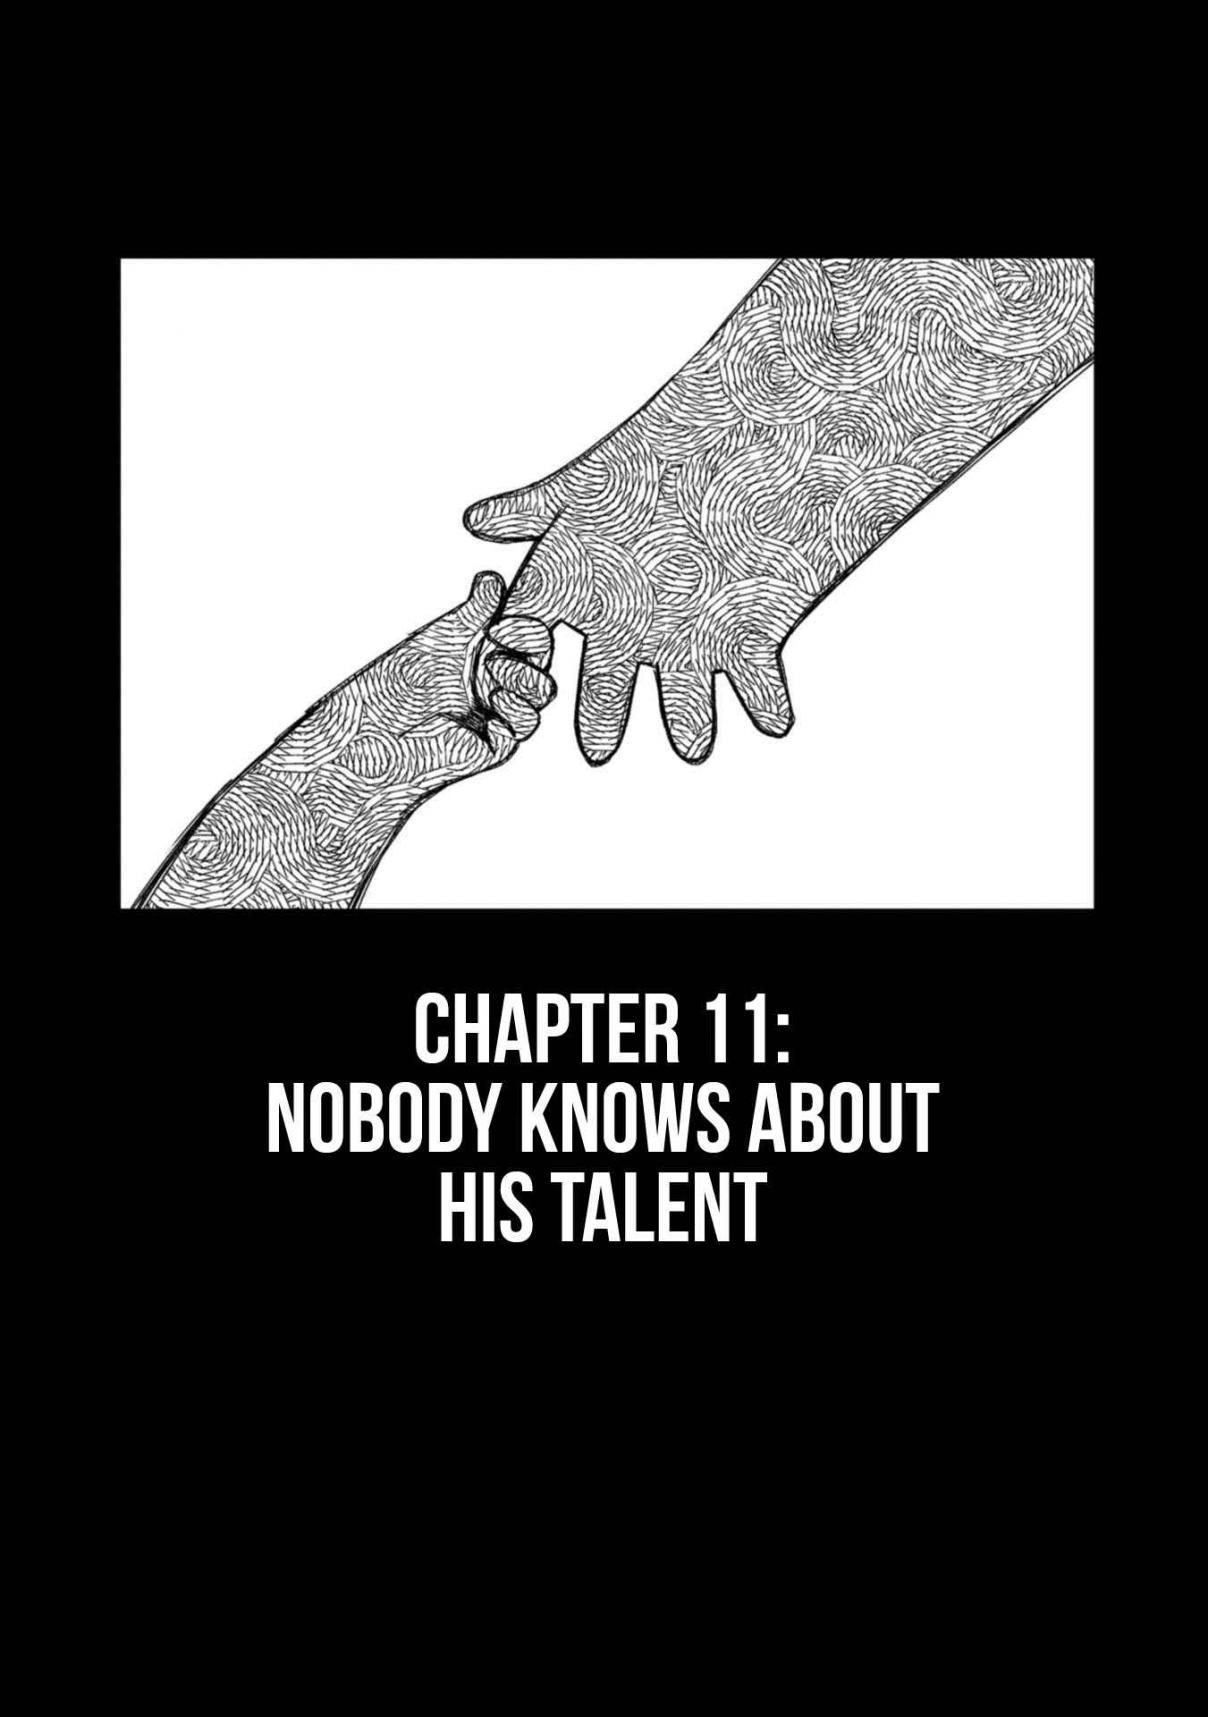 https://img2.nineanime.com/comics/pic1/29/23325/595765/130c36bd4e626734d3c3de4e43cdbb8c.jpg Page 1